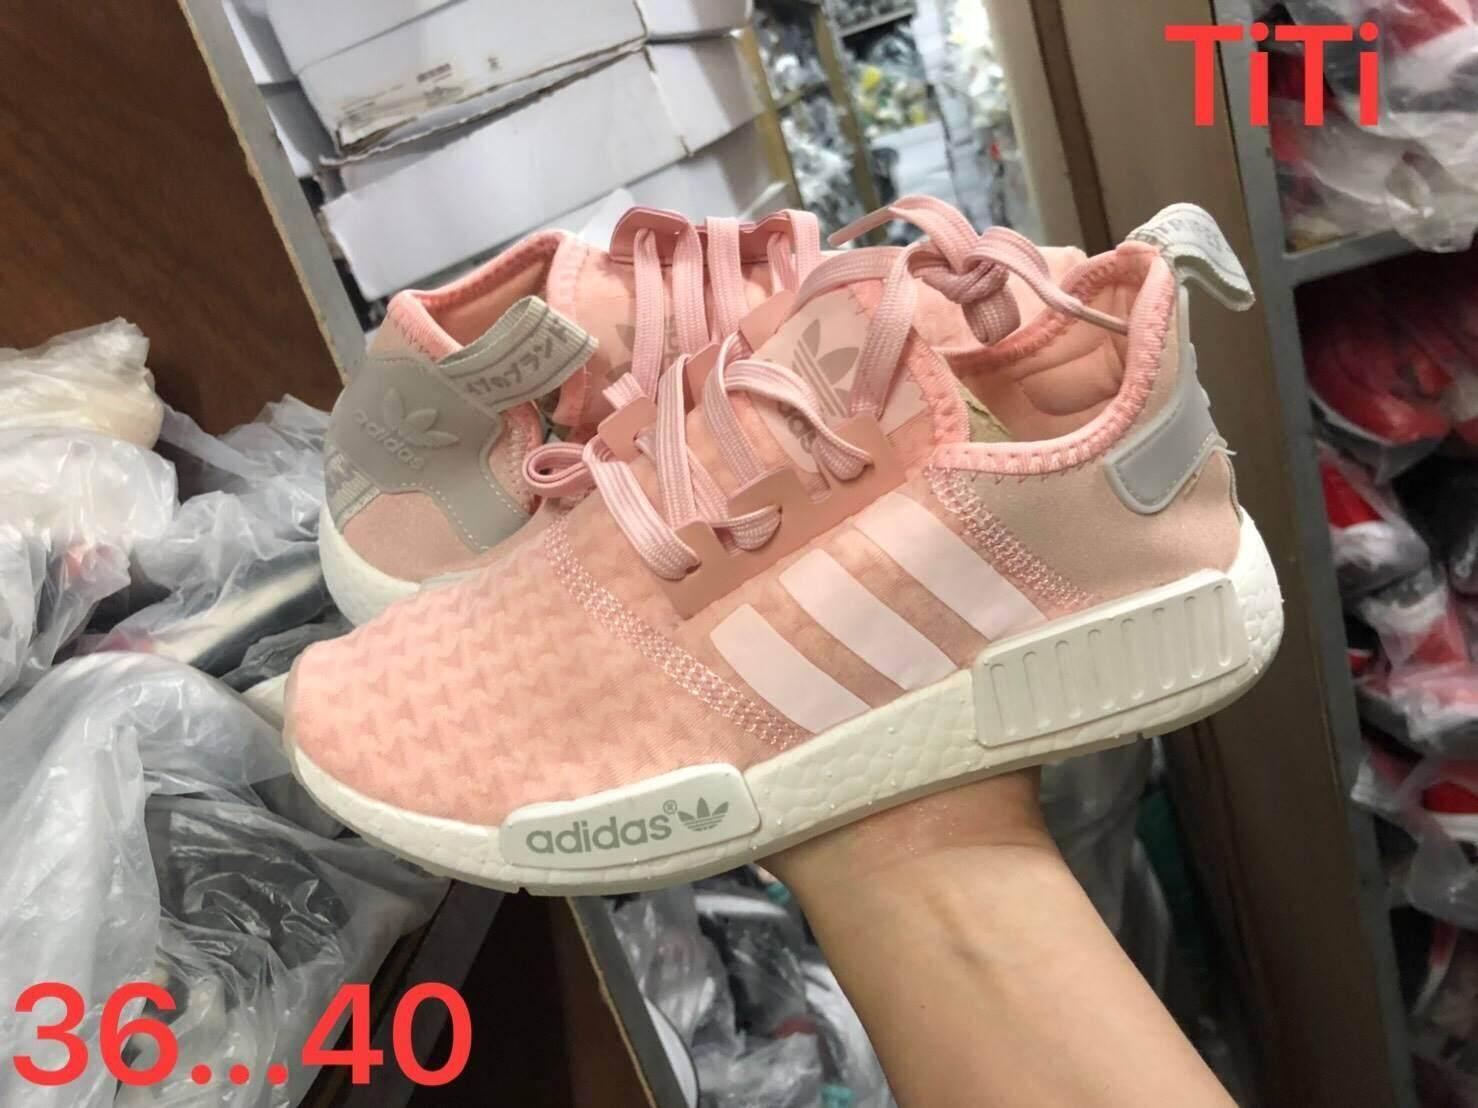 อุบลราชธานี รองเท้าผู้หญิง NMD R1